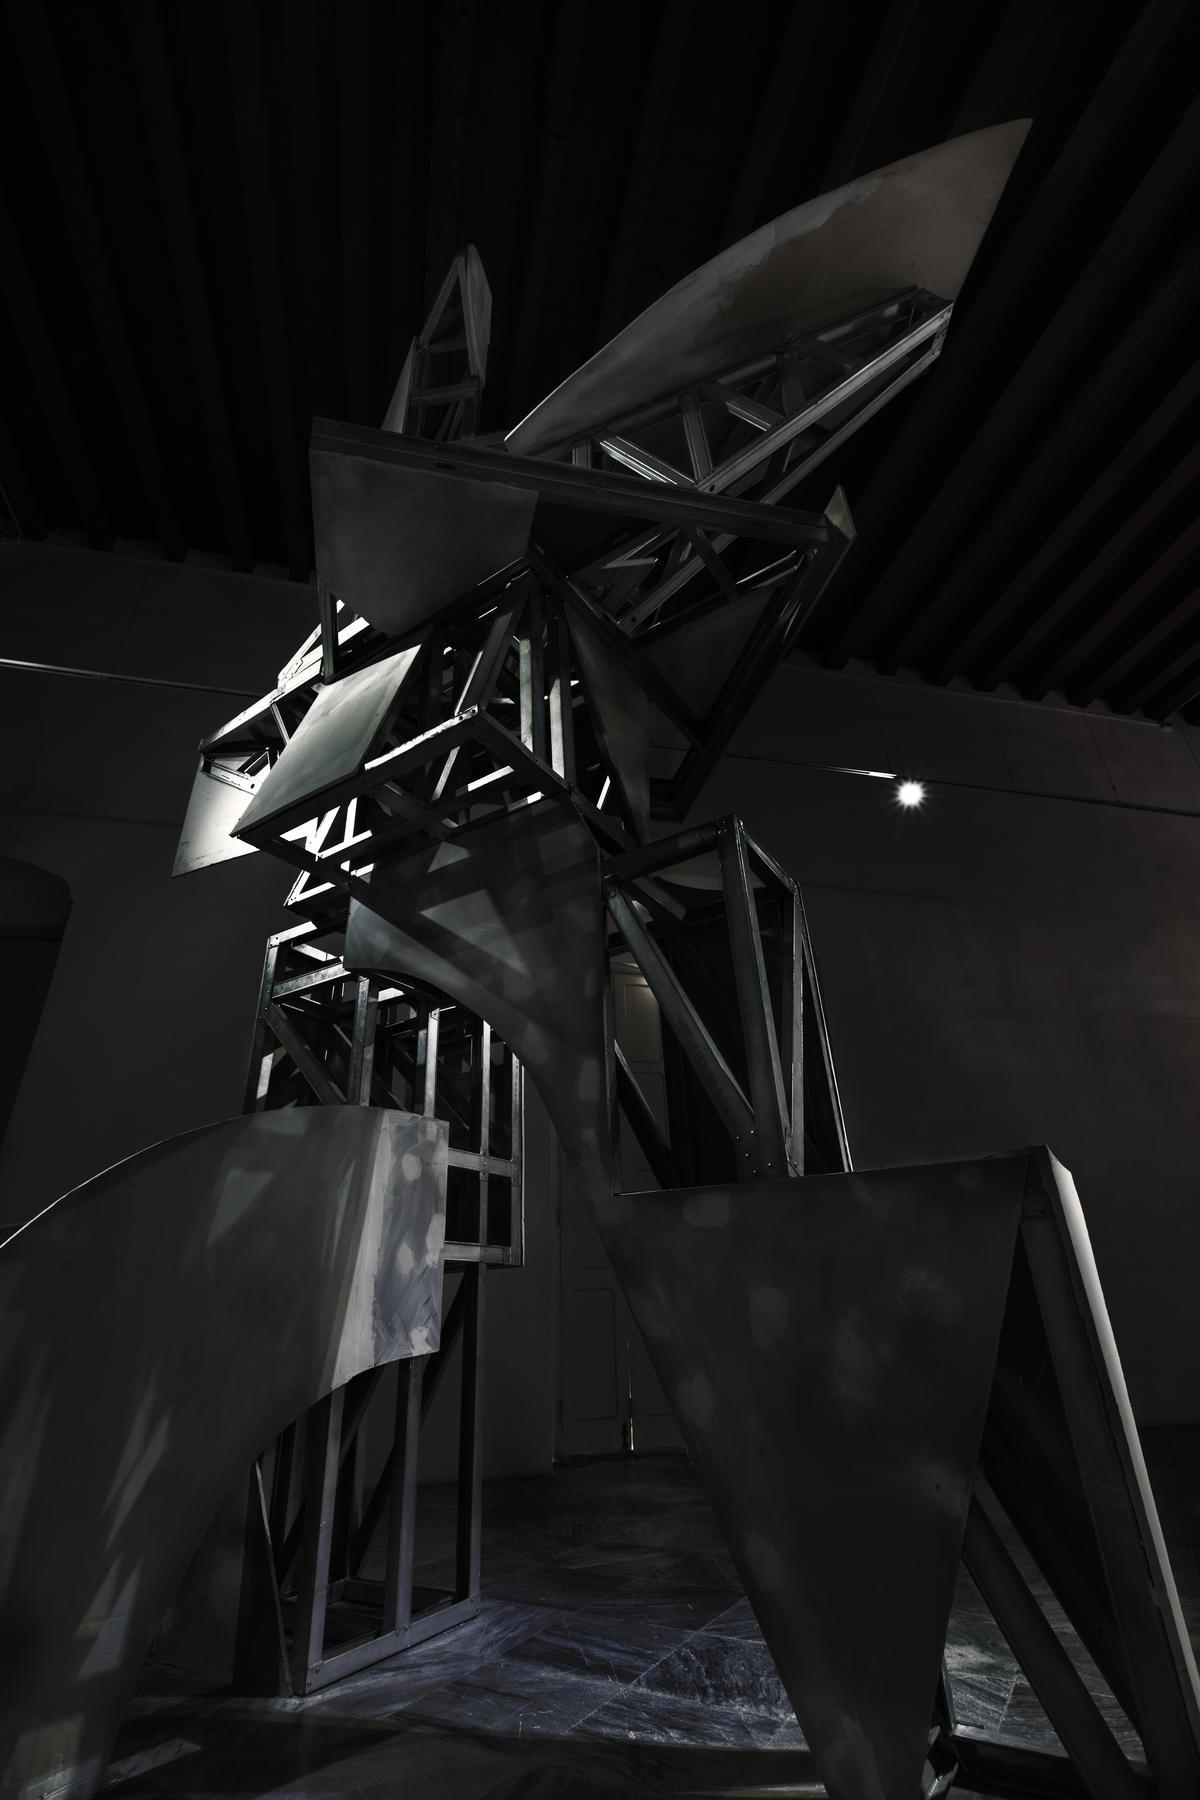 Monumento al hombre incompleto. 2018. Obra de su exposición en el Centro de Desarrollo de las Artes Visuales.